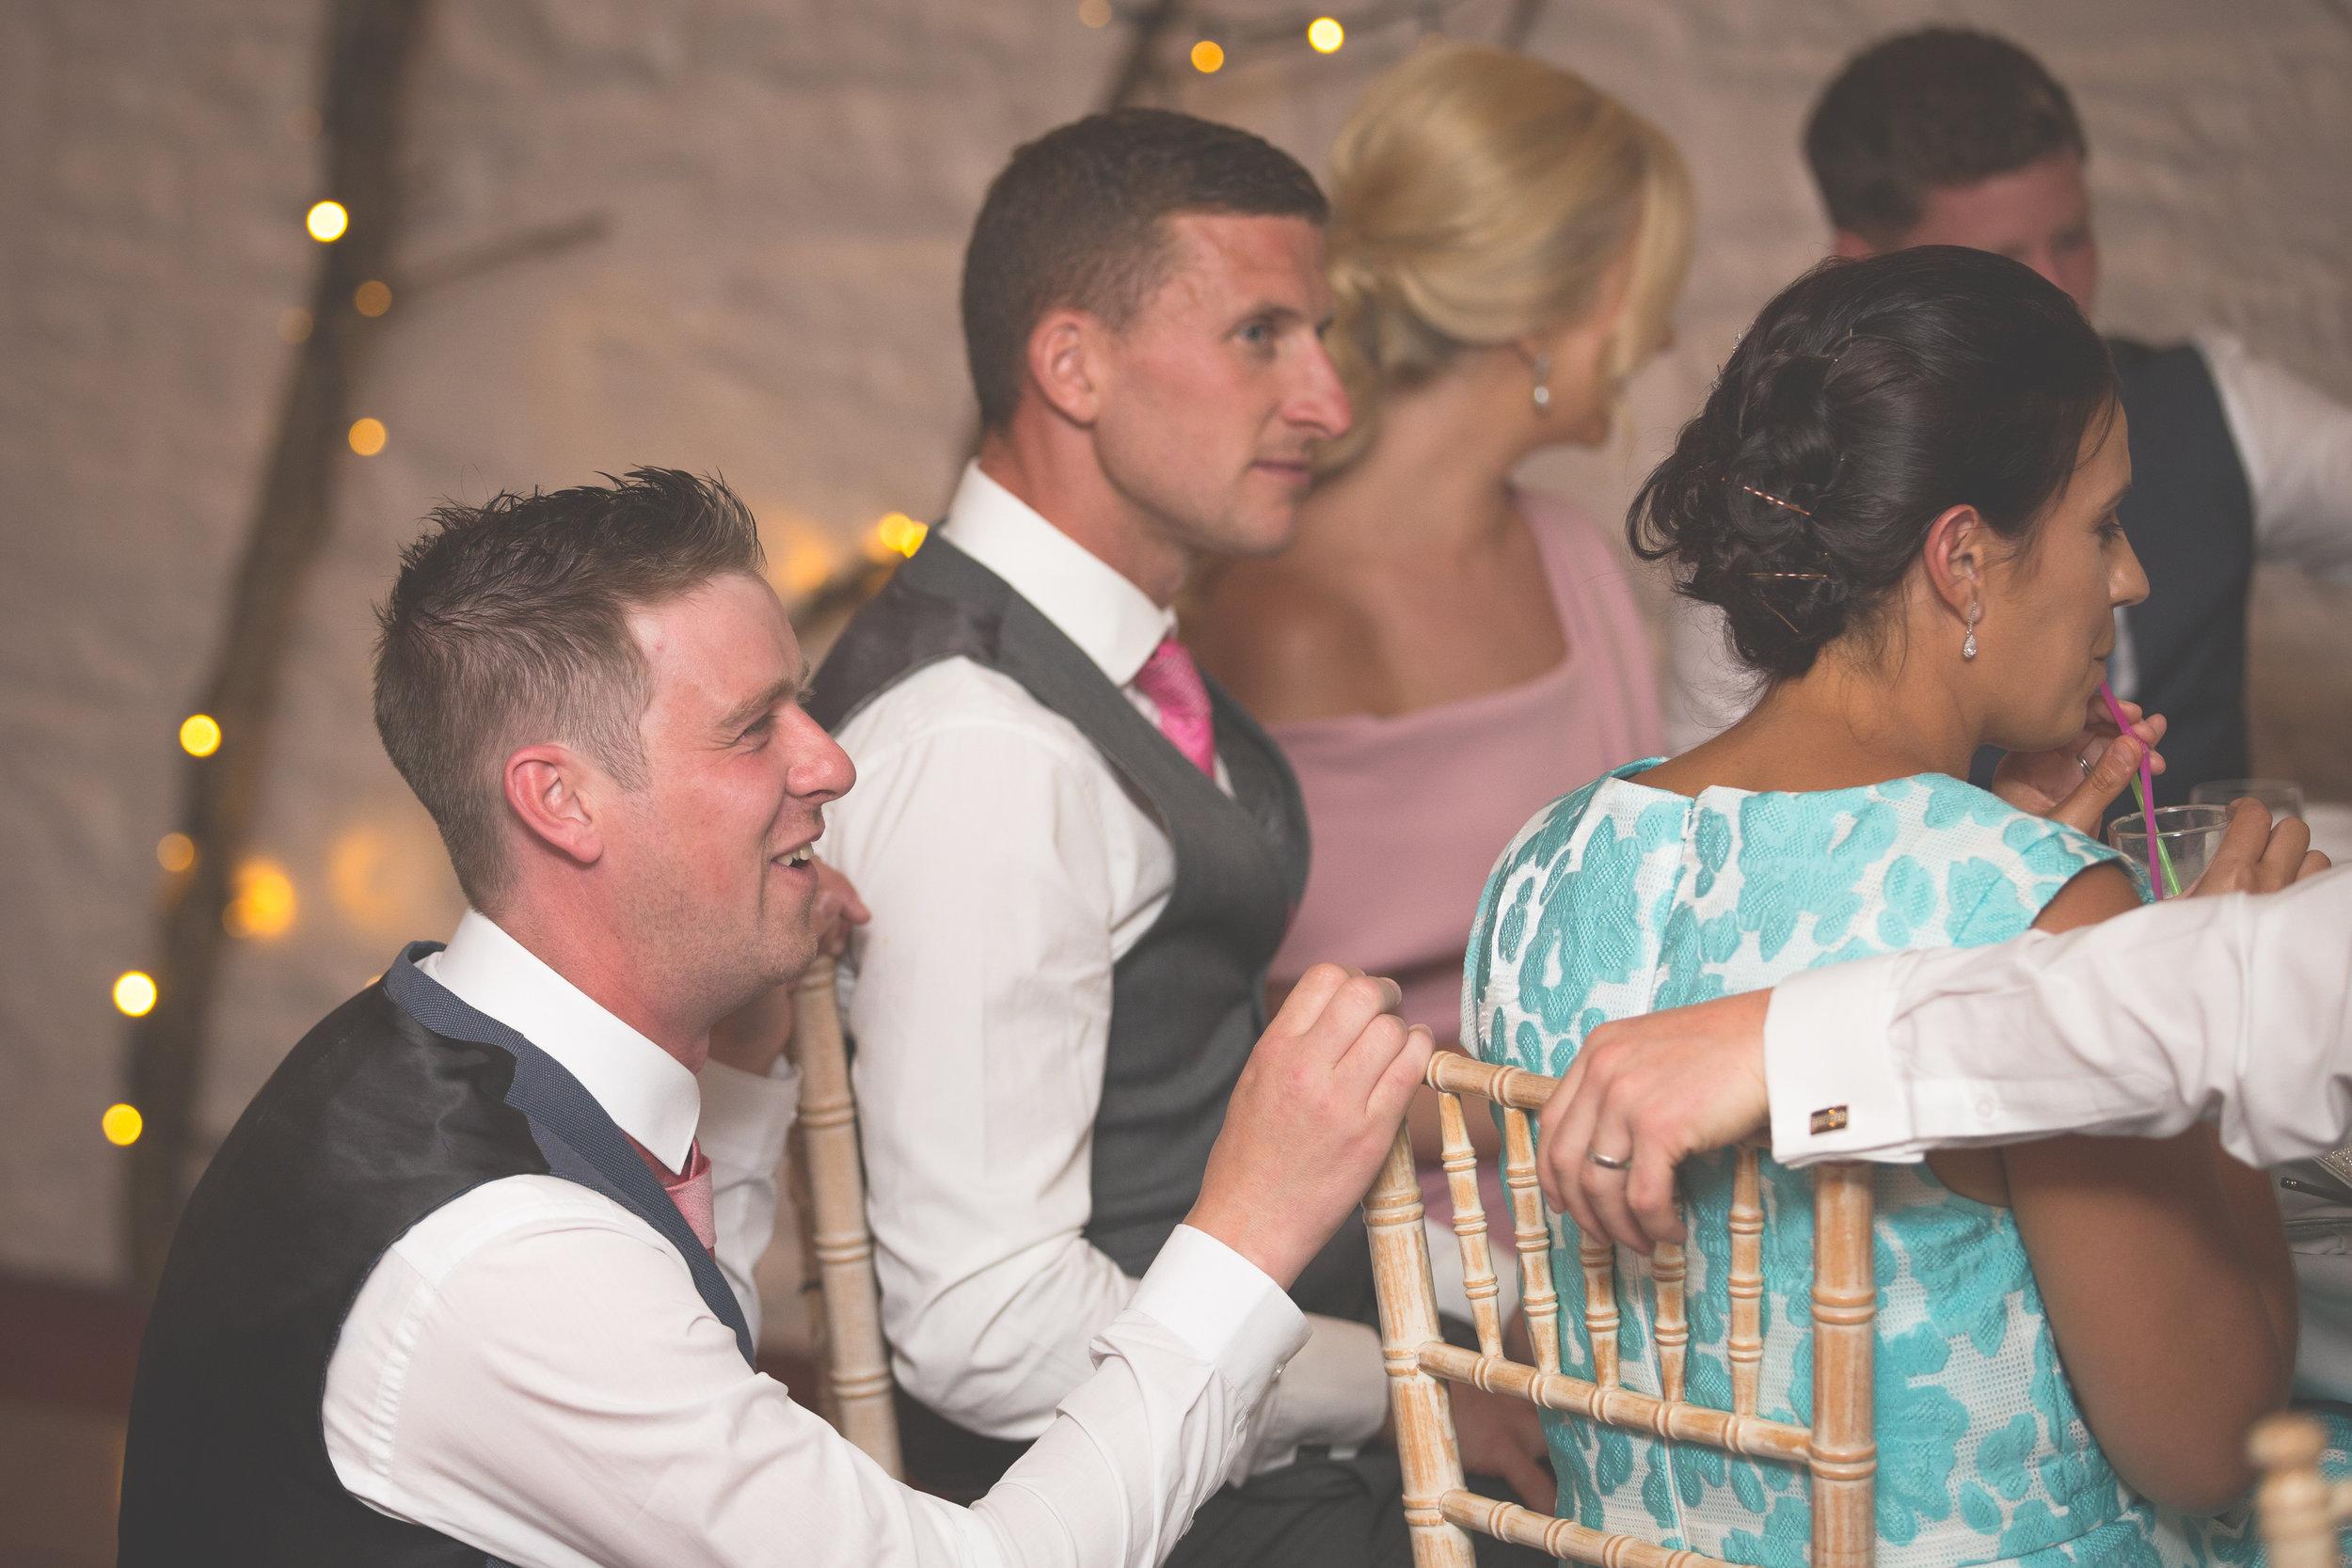 Brian McEwan Wedding Photography | Carol-Anne & Sean | The Speeches-23.jpg